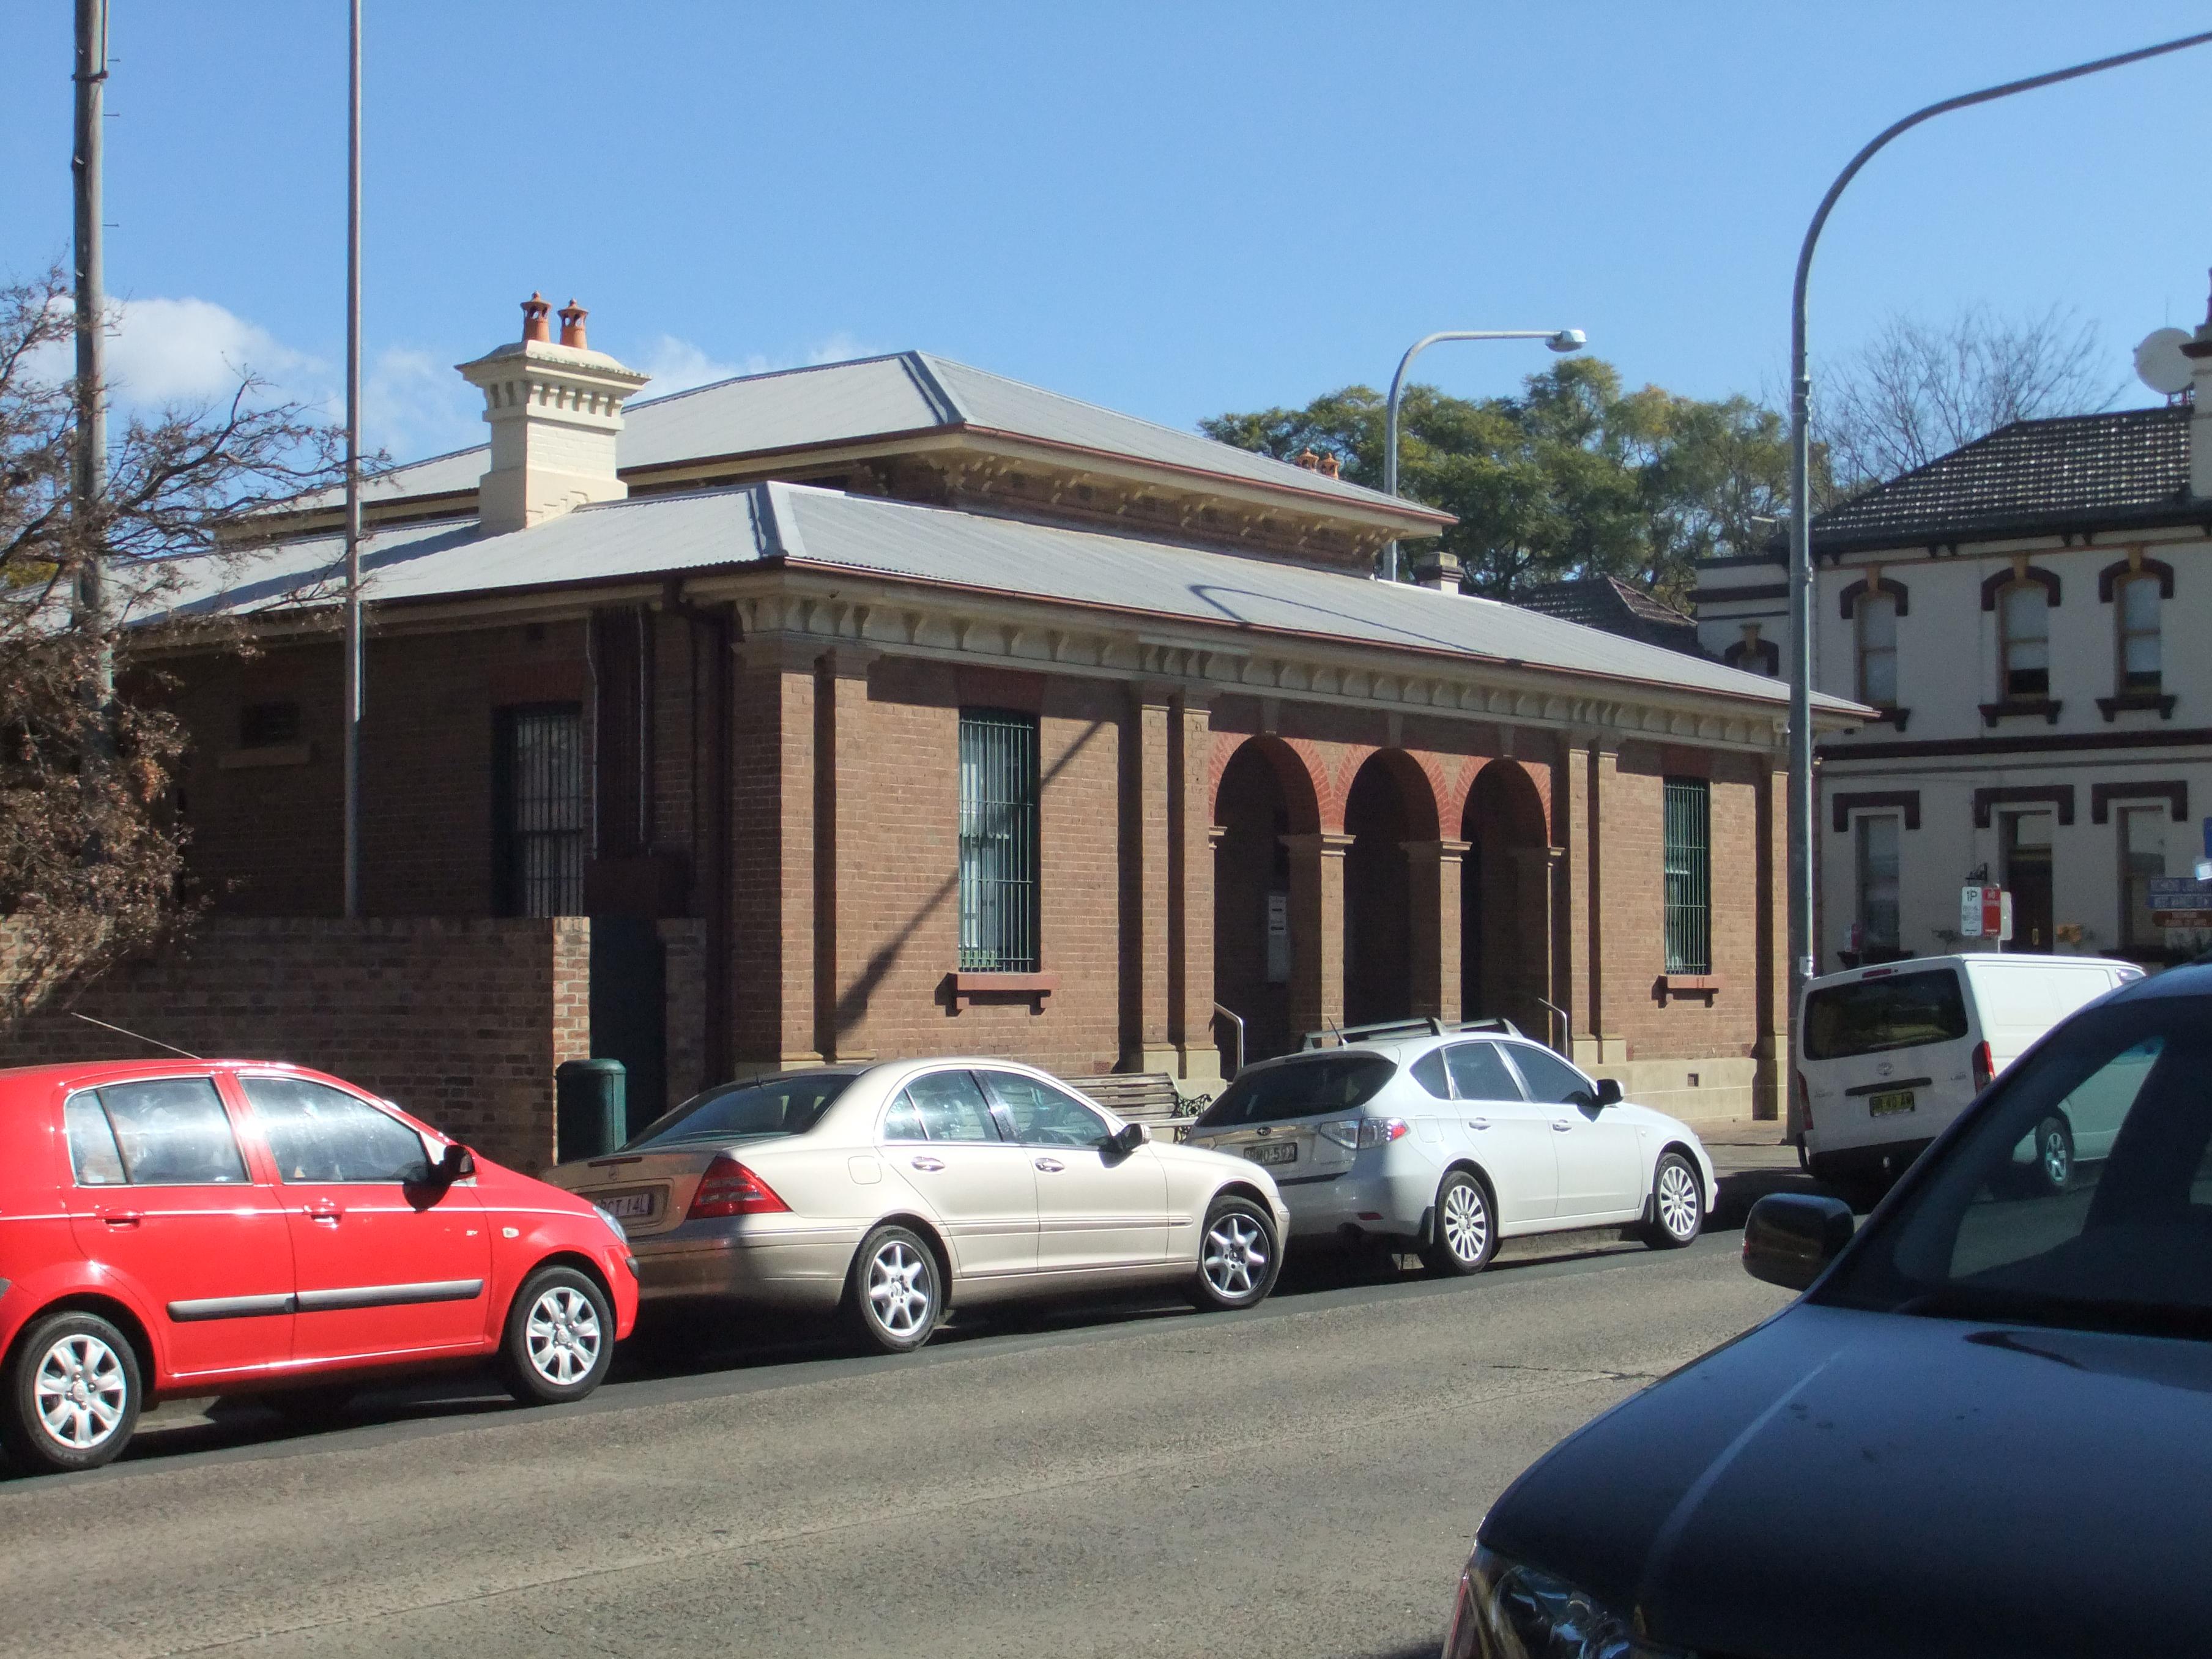 Richmond Police Satation & Court House